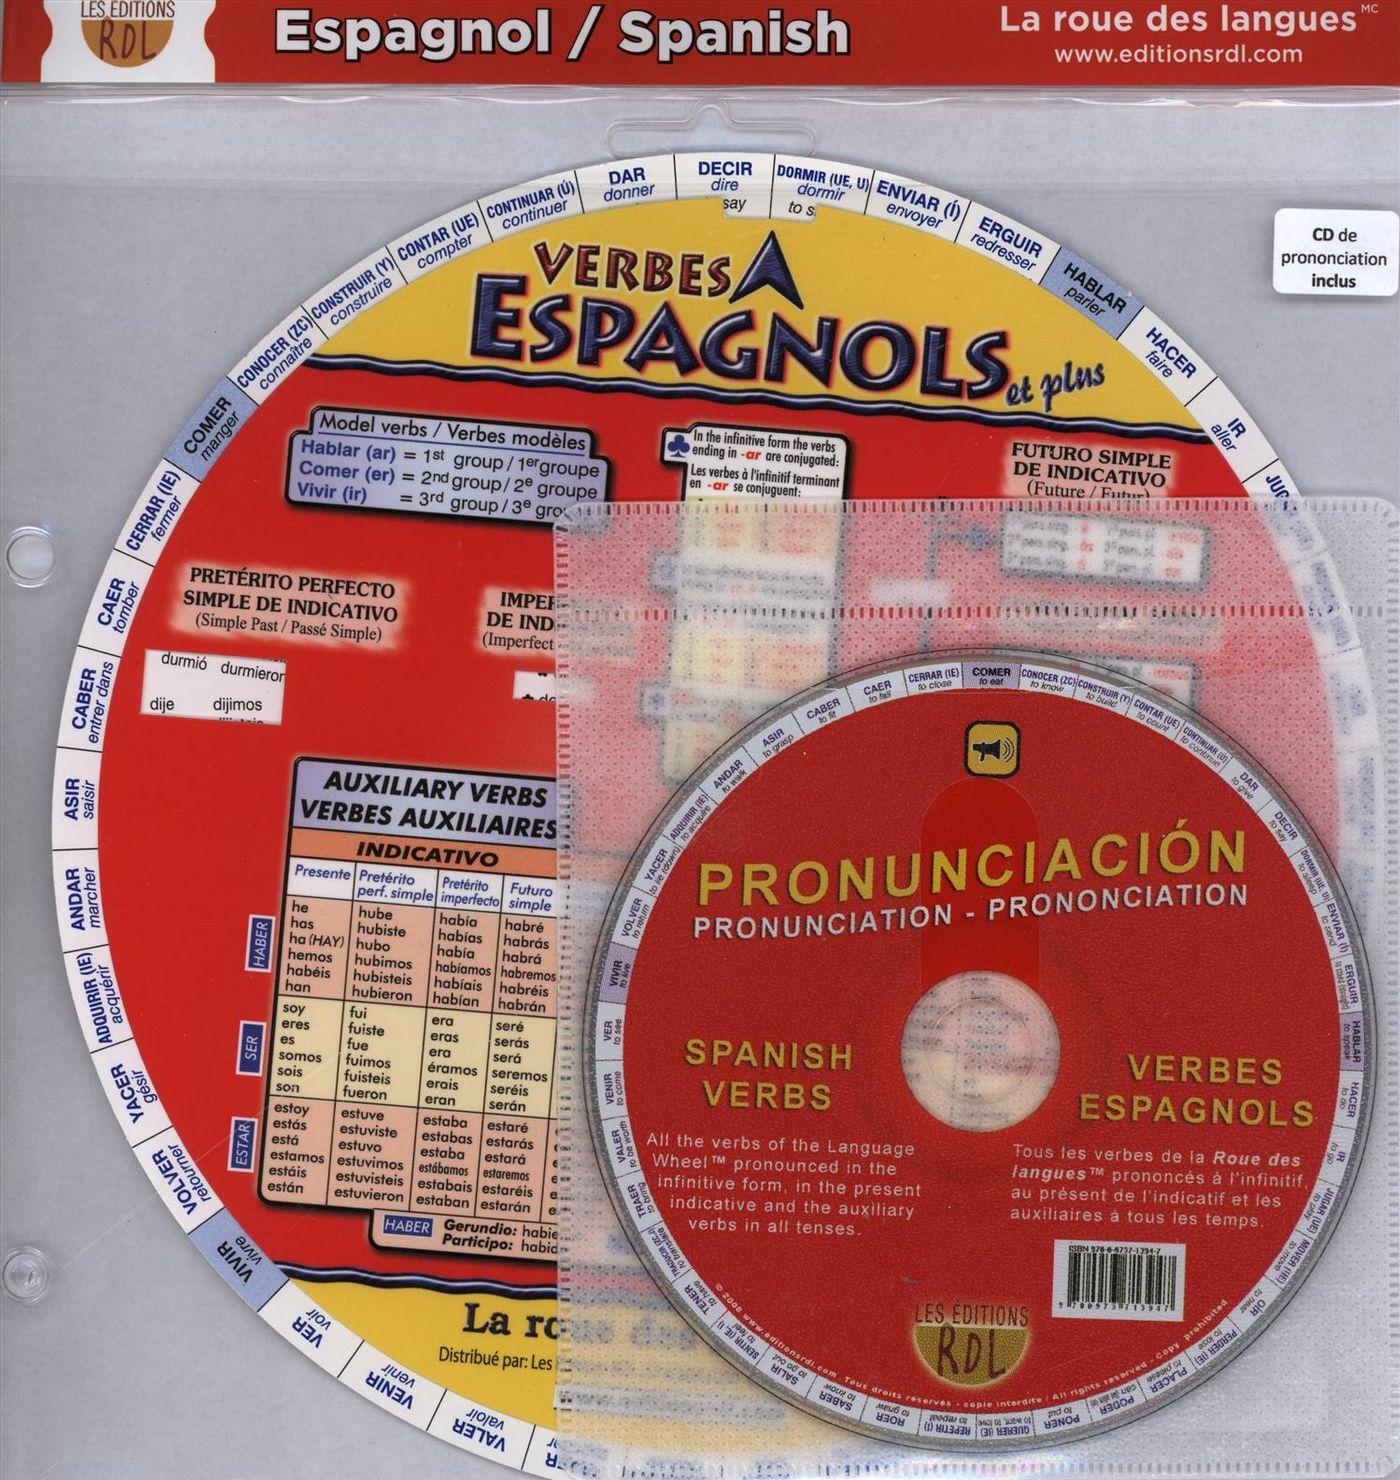 Rdl Verbes Espagnols Avec Traduction En Francais Et En Anglais Cd Distribution Prologue